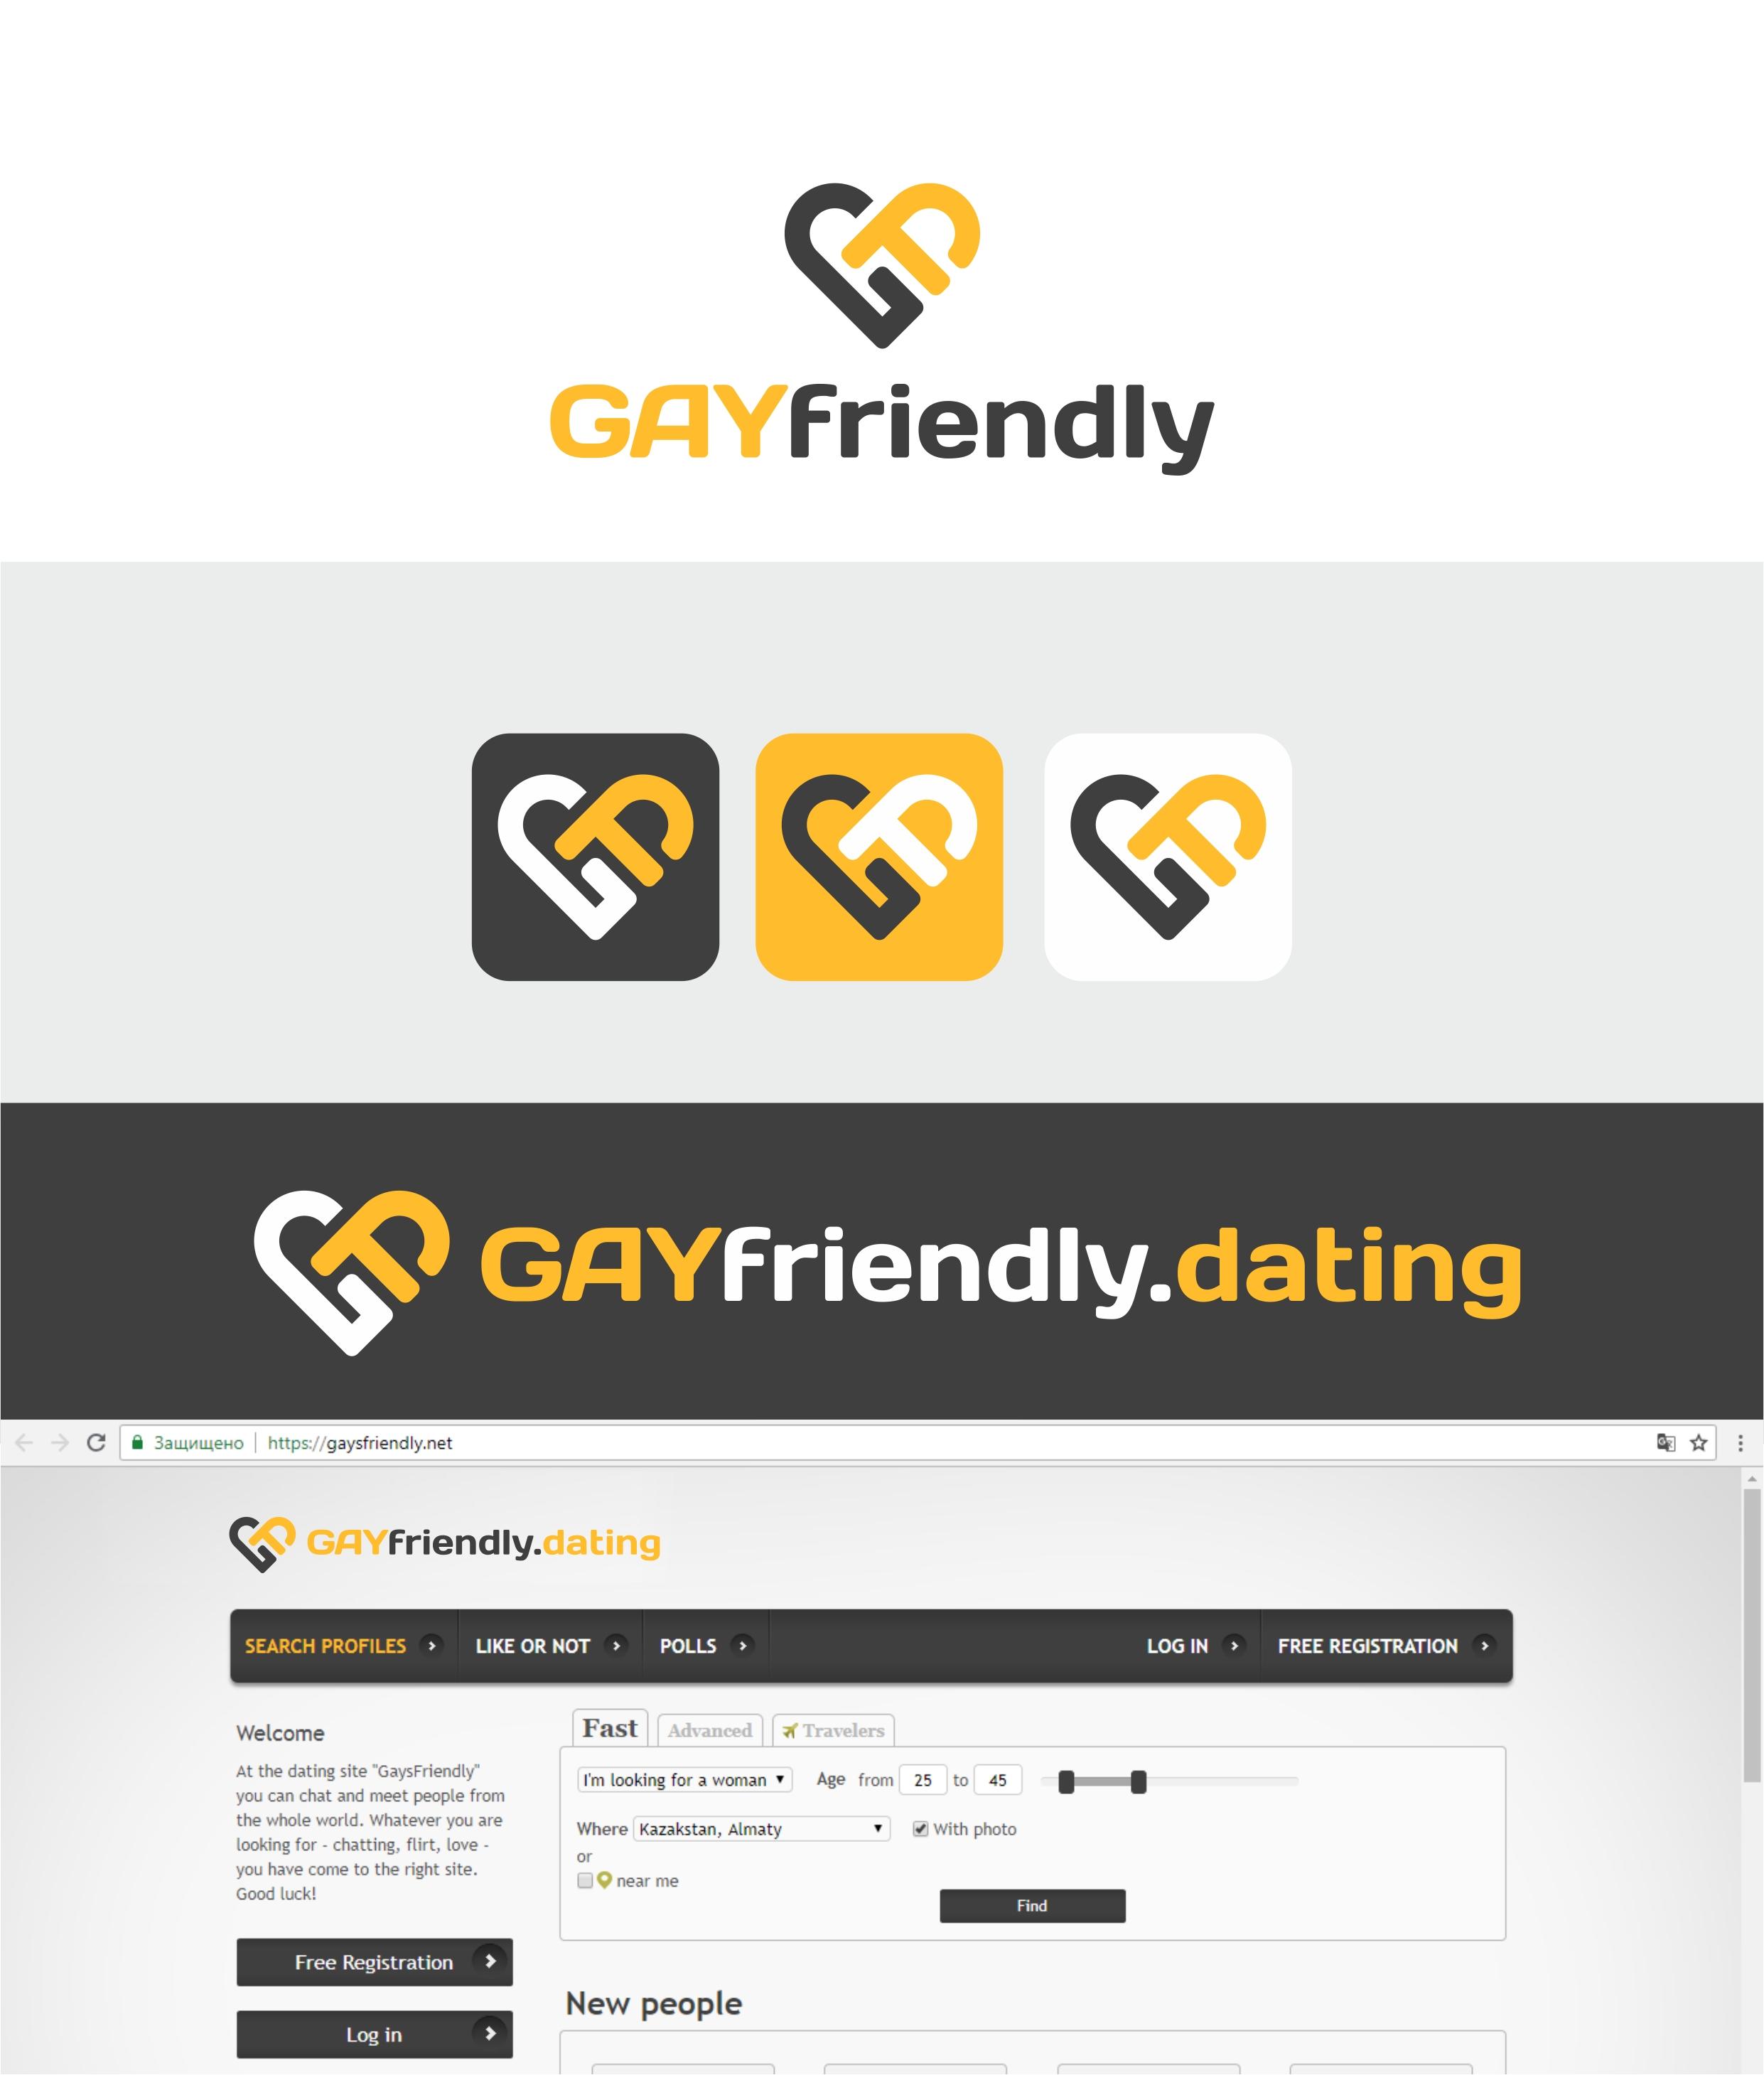 Разработать логотип для англоязычн. сайта знакомств для геев фото f_4425b43027ced213.jpg